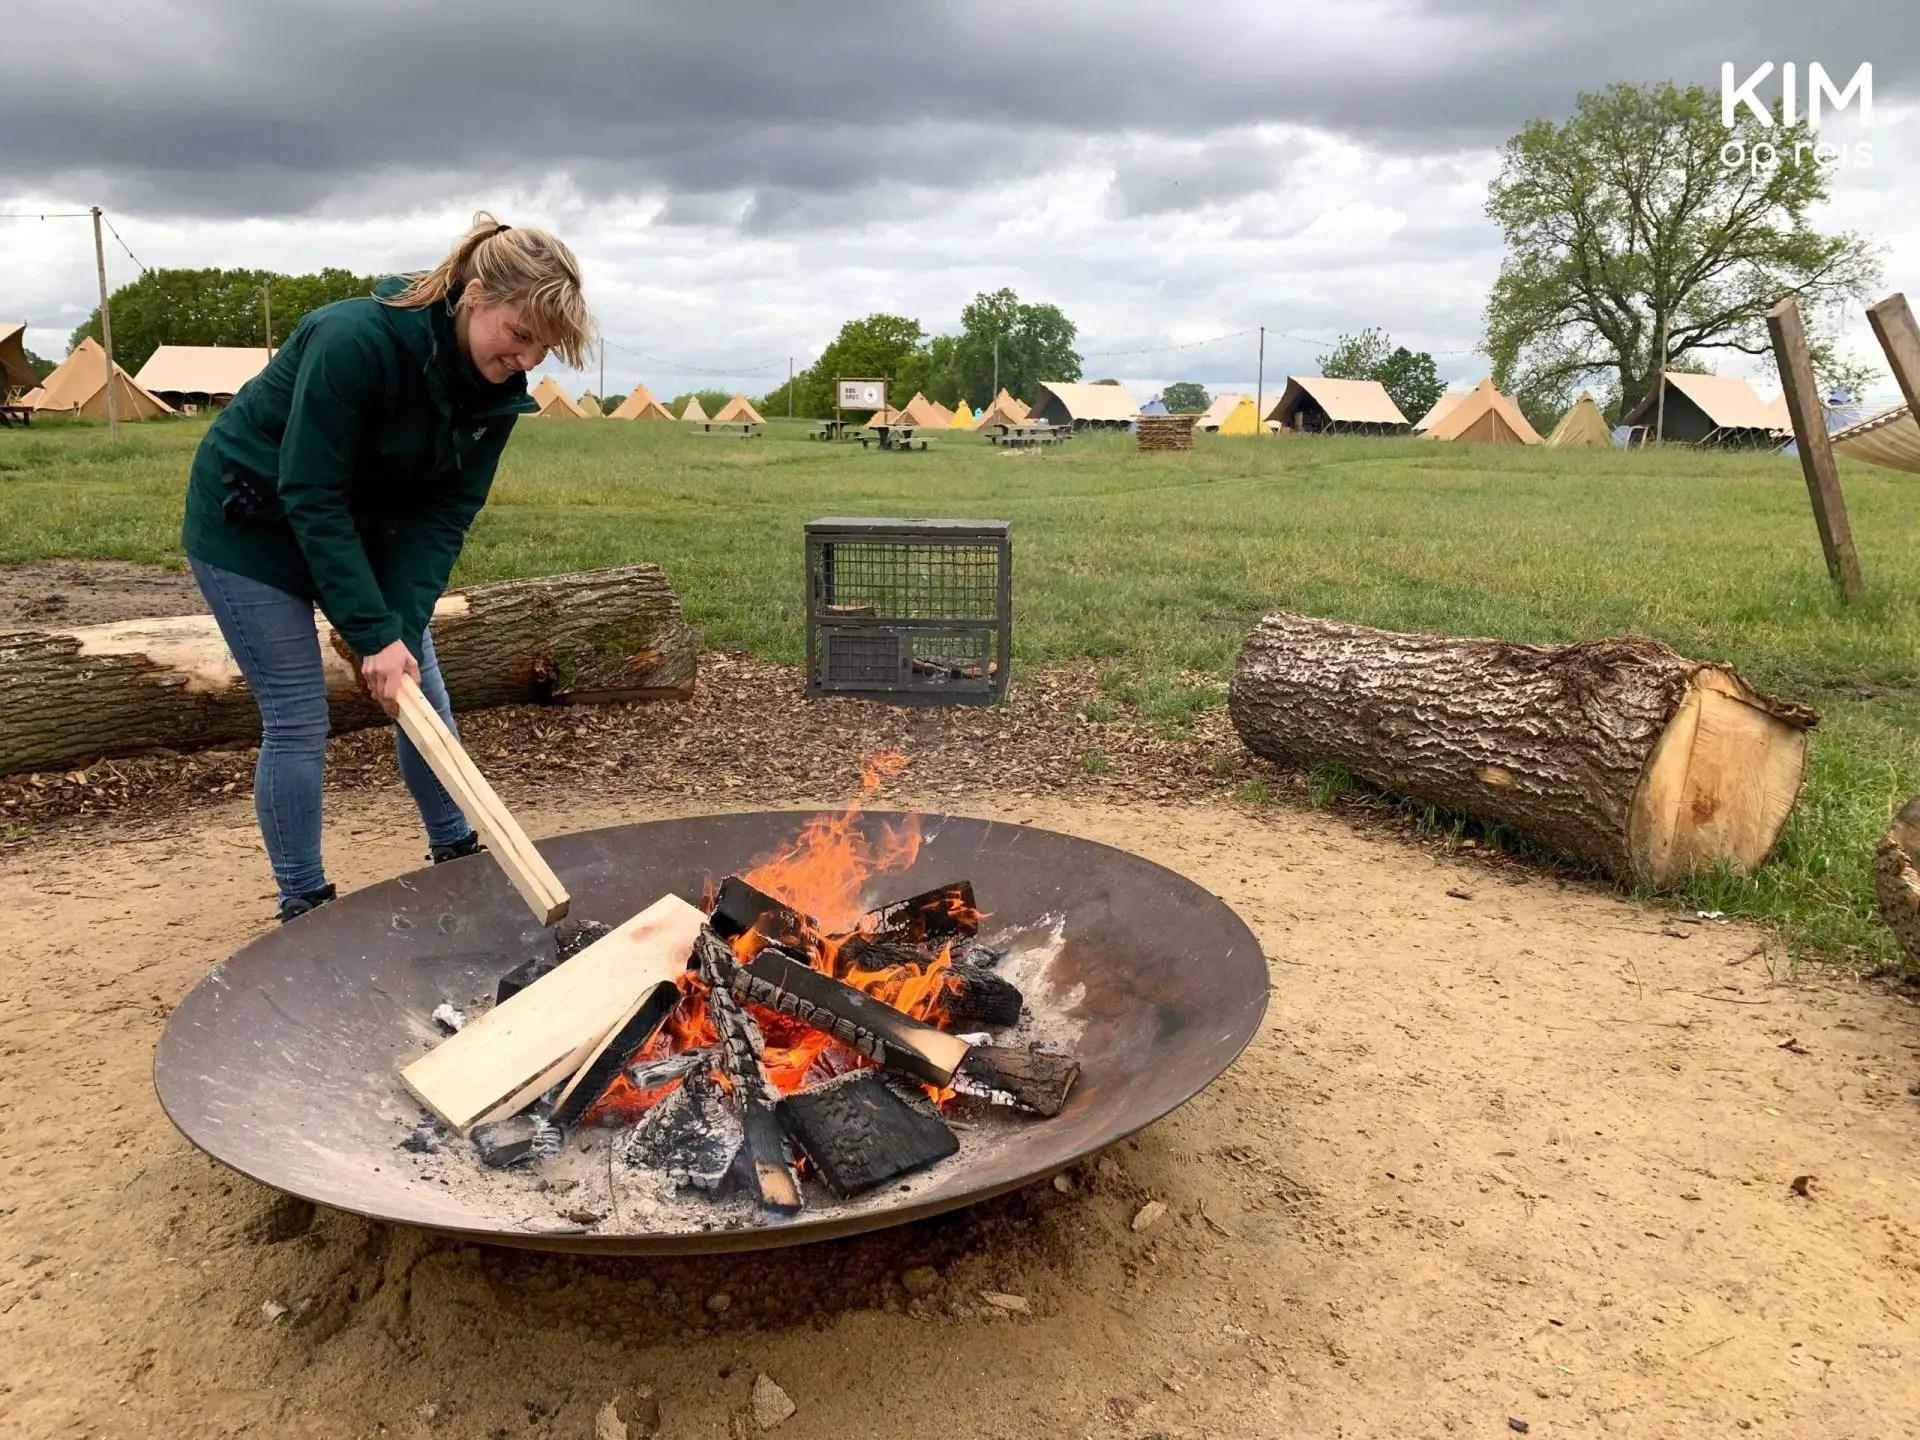 kampvuur Bij de Buren Mölke Zuna: Kim port met een stuk hout in de vuurschaal